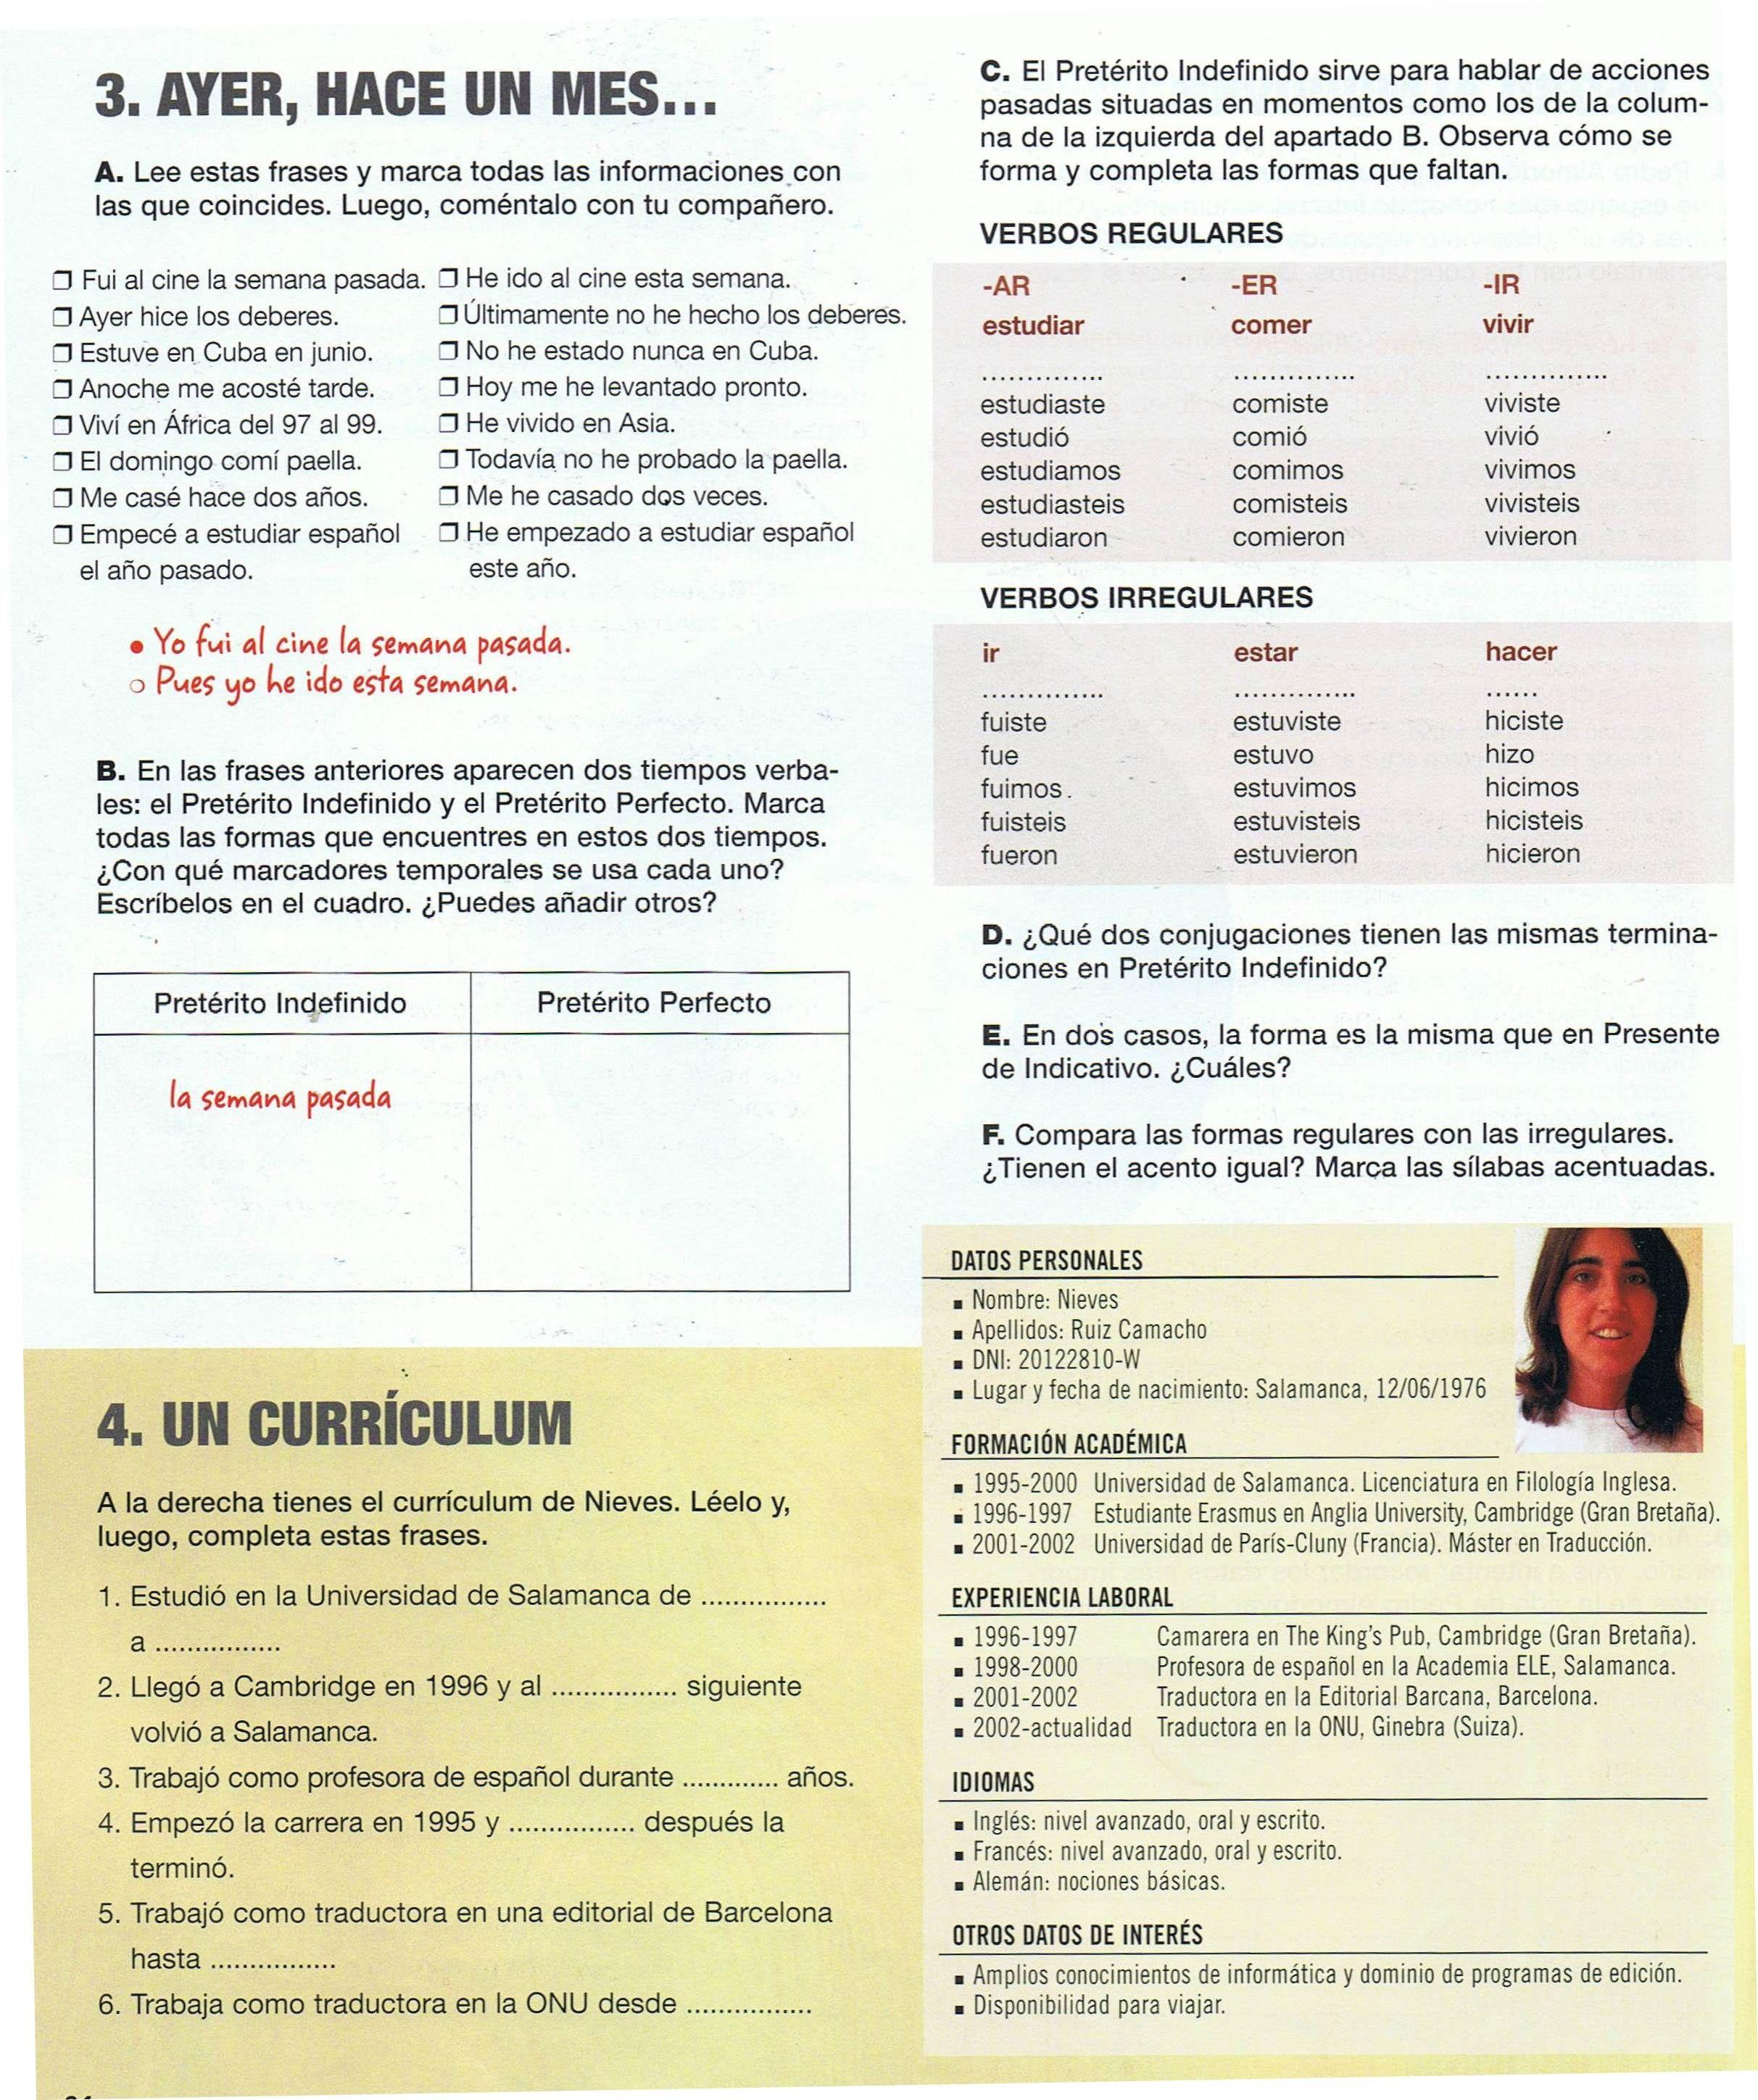 Modelo de CV+pasado indefinido | Profesiones y Trabajo | Pinterest ...